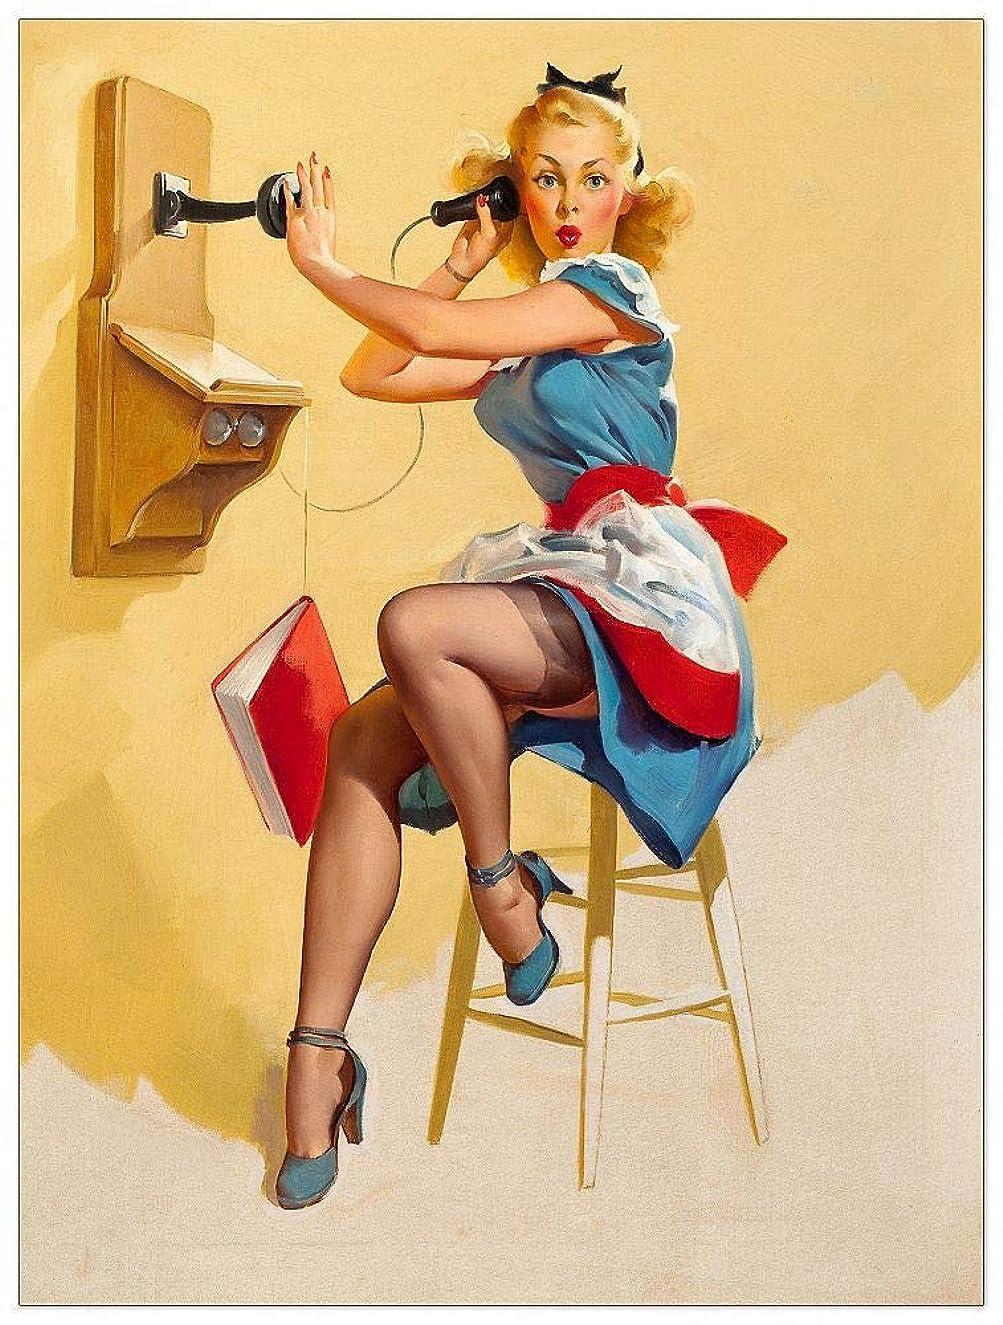 ArtPlaza TW92351 Art Studio - Hallo ? Decorative Panel 27.5x35.5 Inch Multicolored